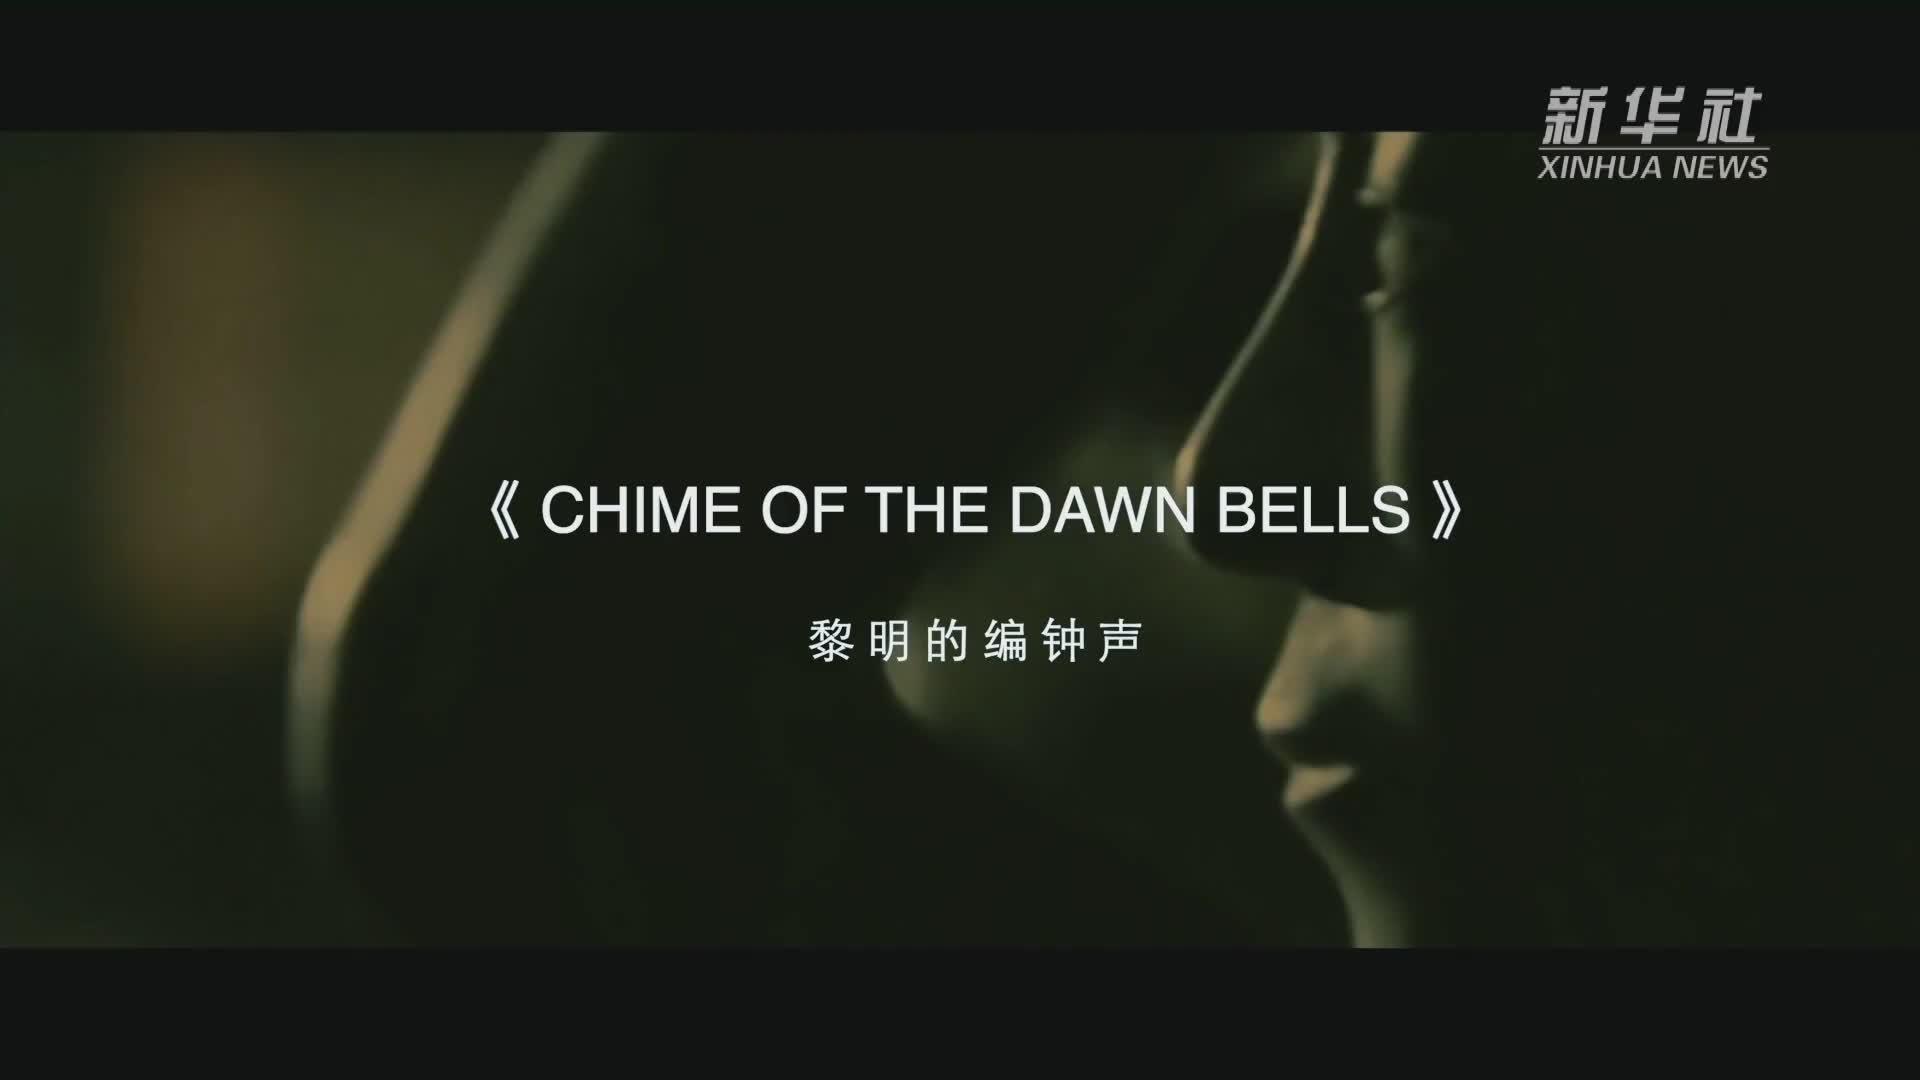 比利时钢琴家创作歌曲《黎明的编钟声》为中国加油!